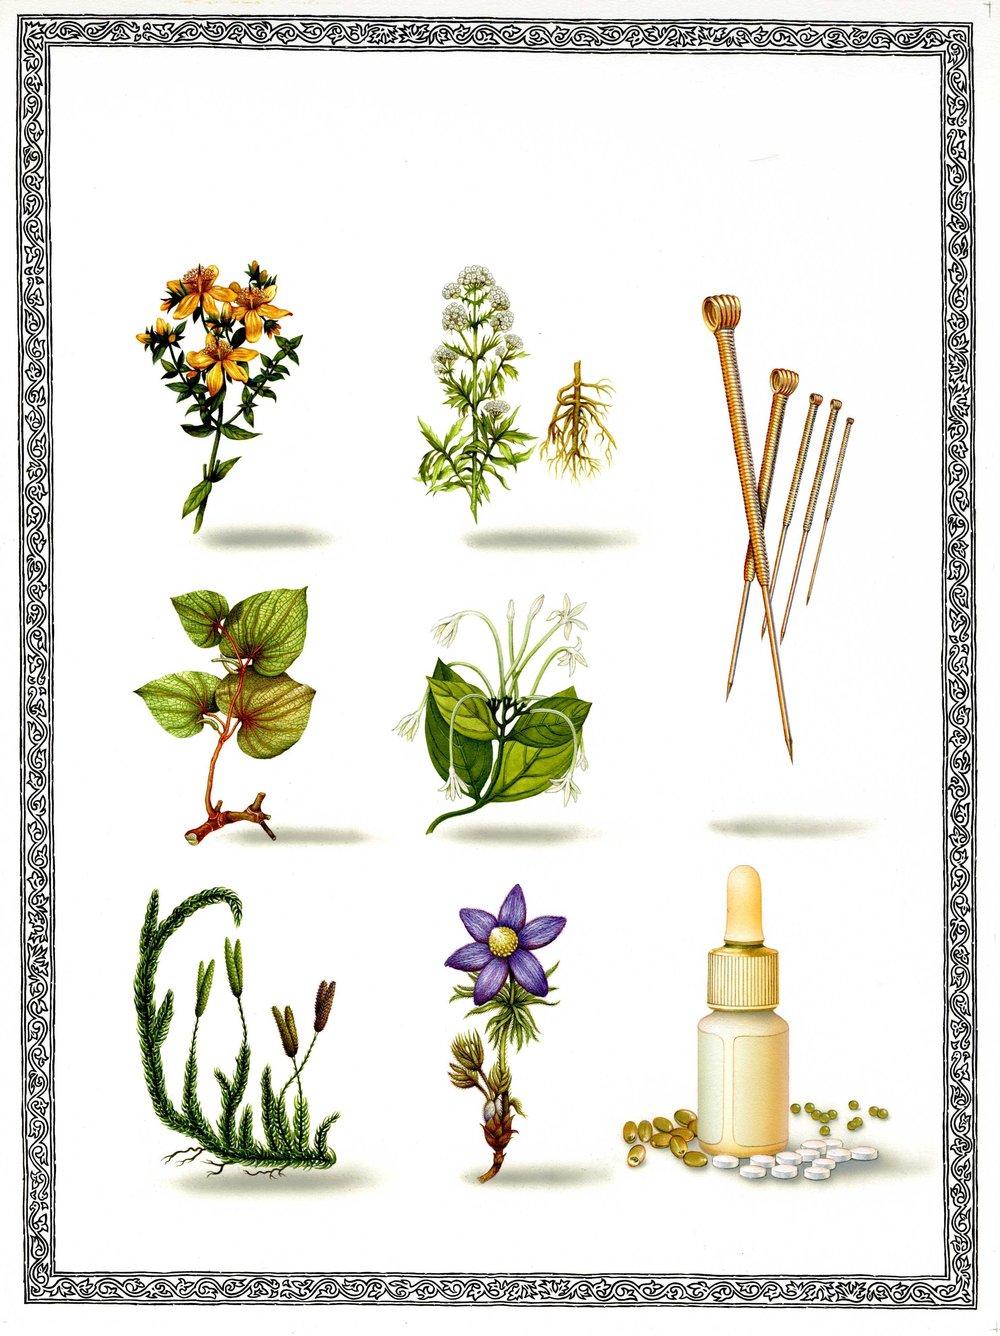 300 Herbs.jpg